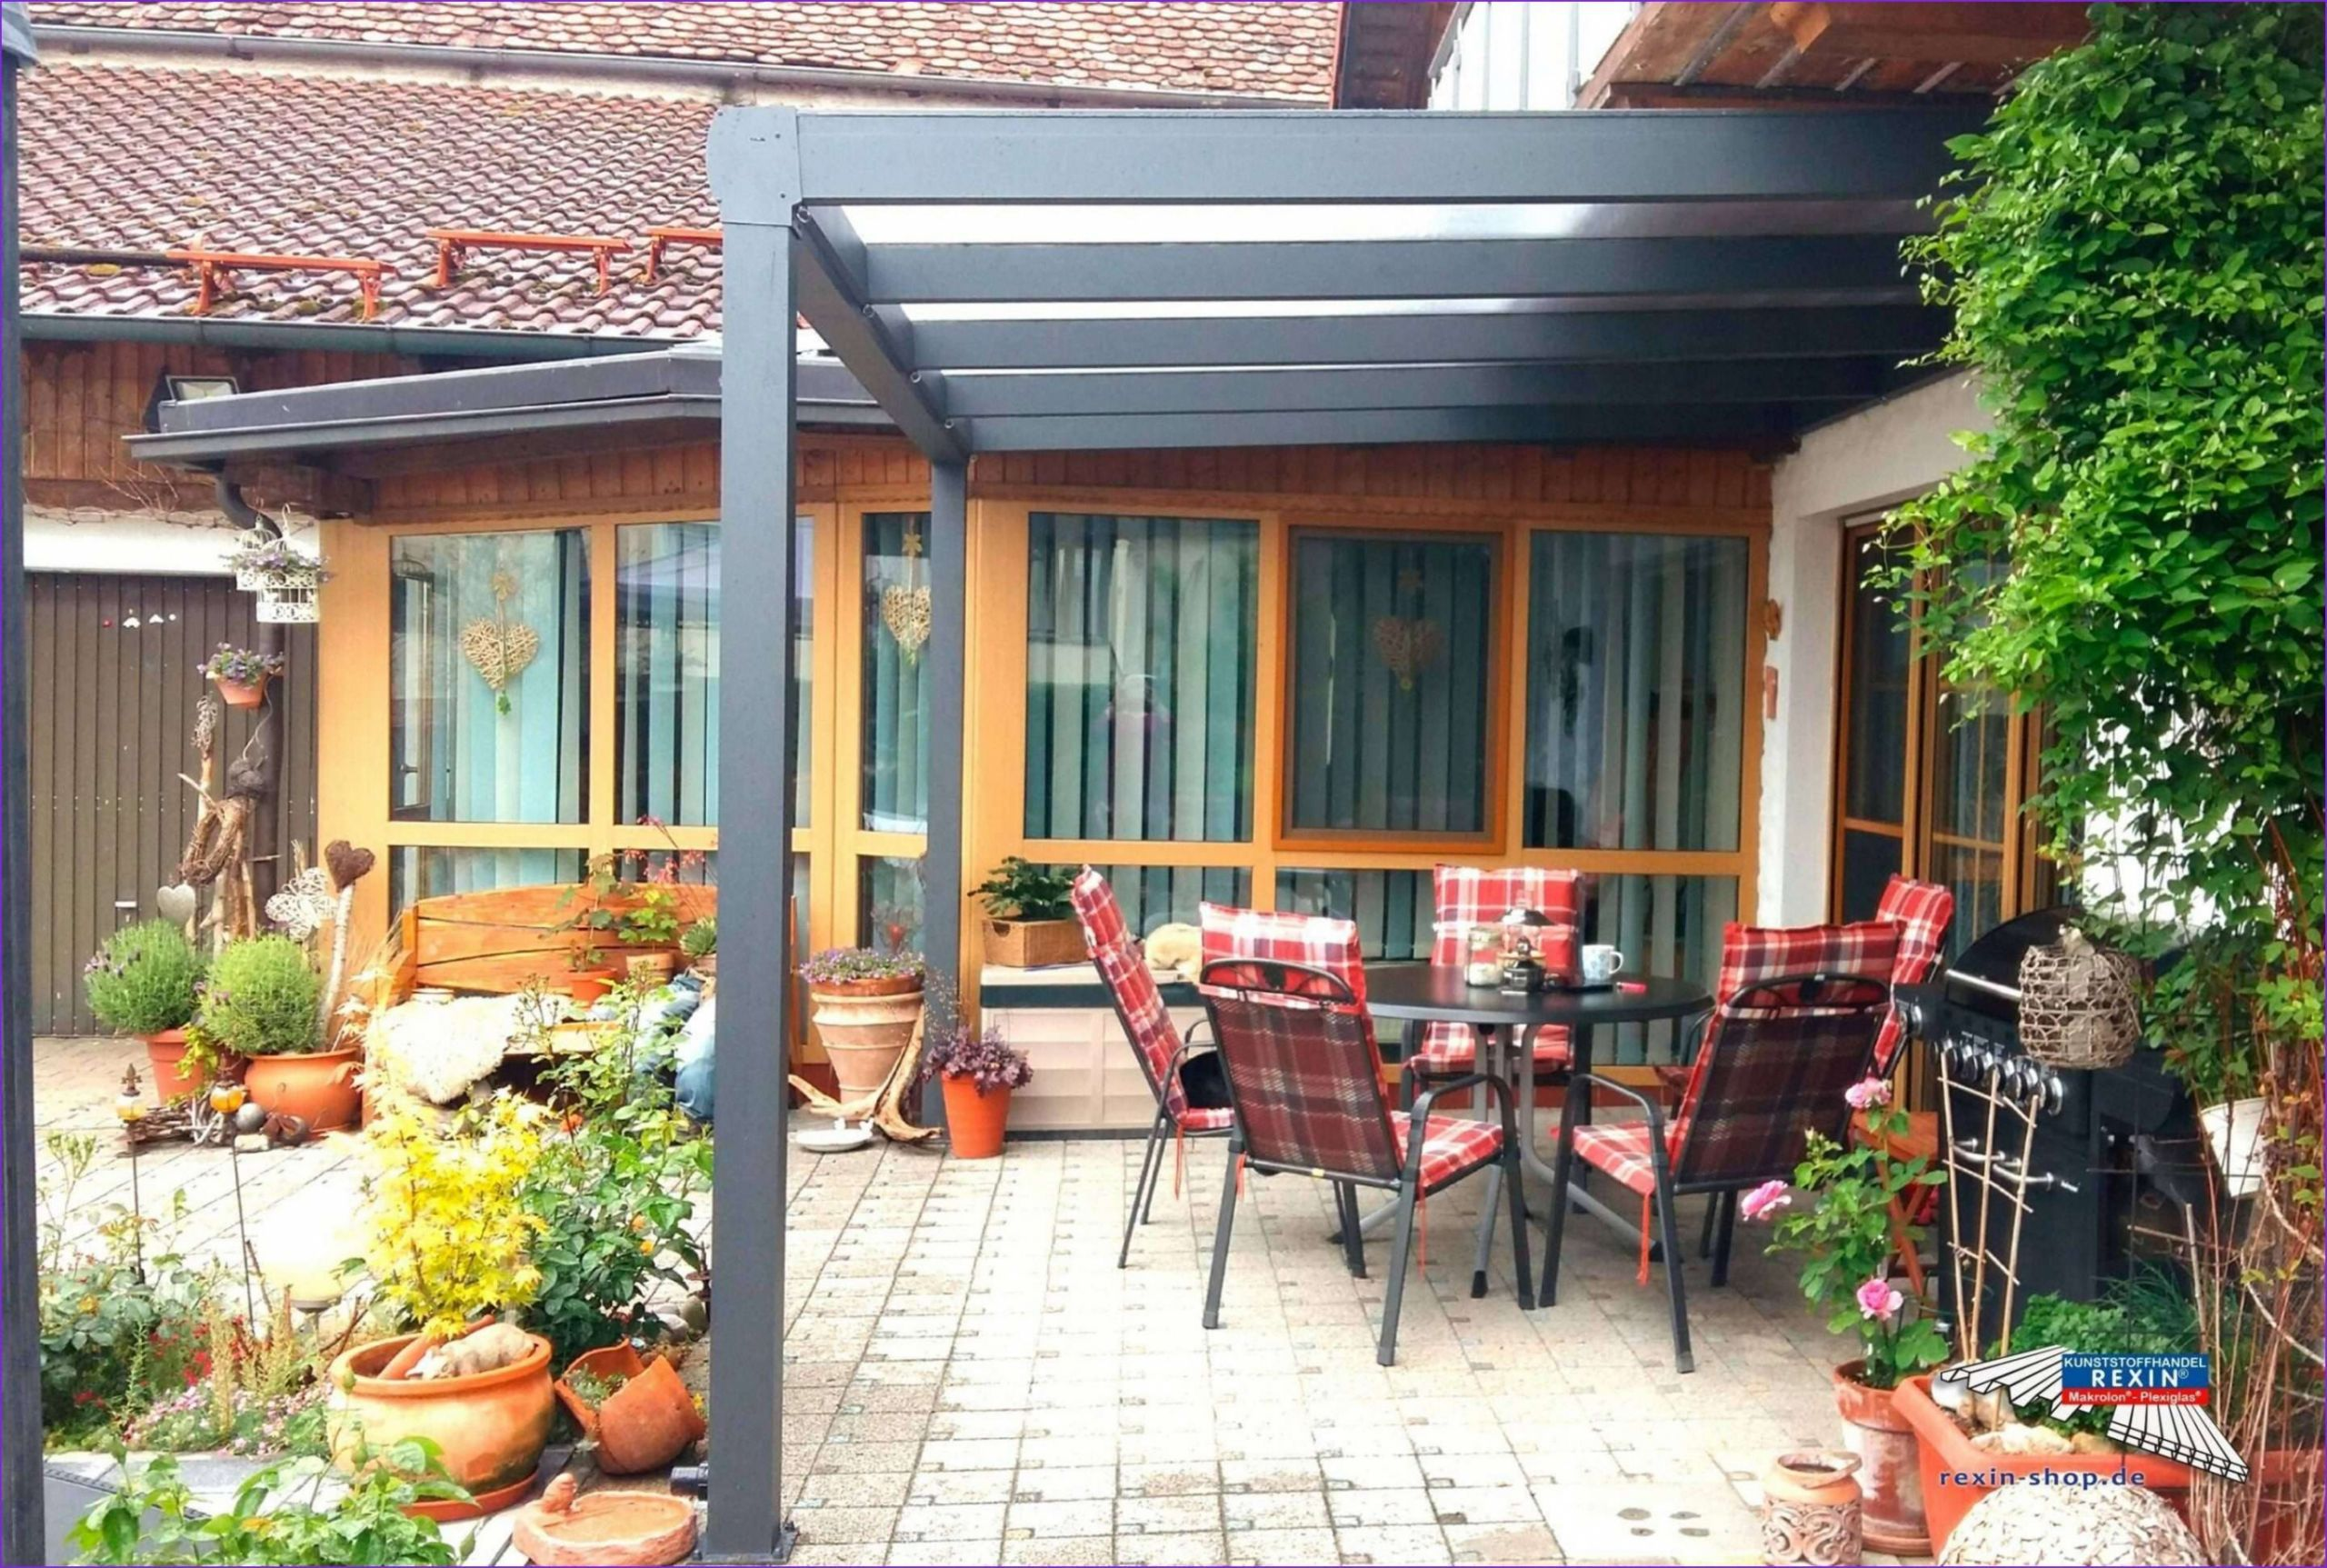 33 einzigartig deko ideen selber machen garten terrassen deko selbst gemacht terrassen deko selbst gemacht